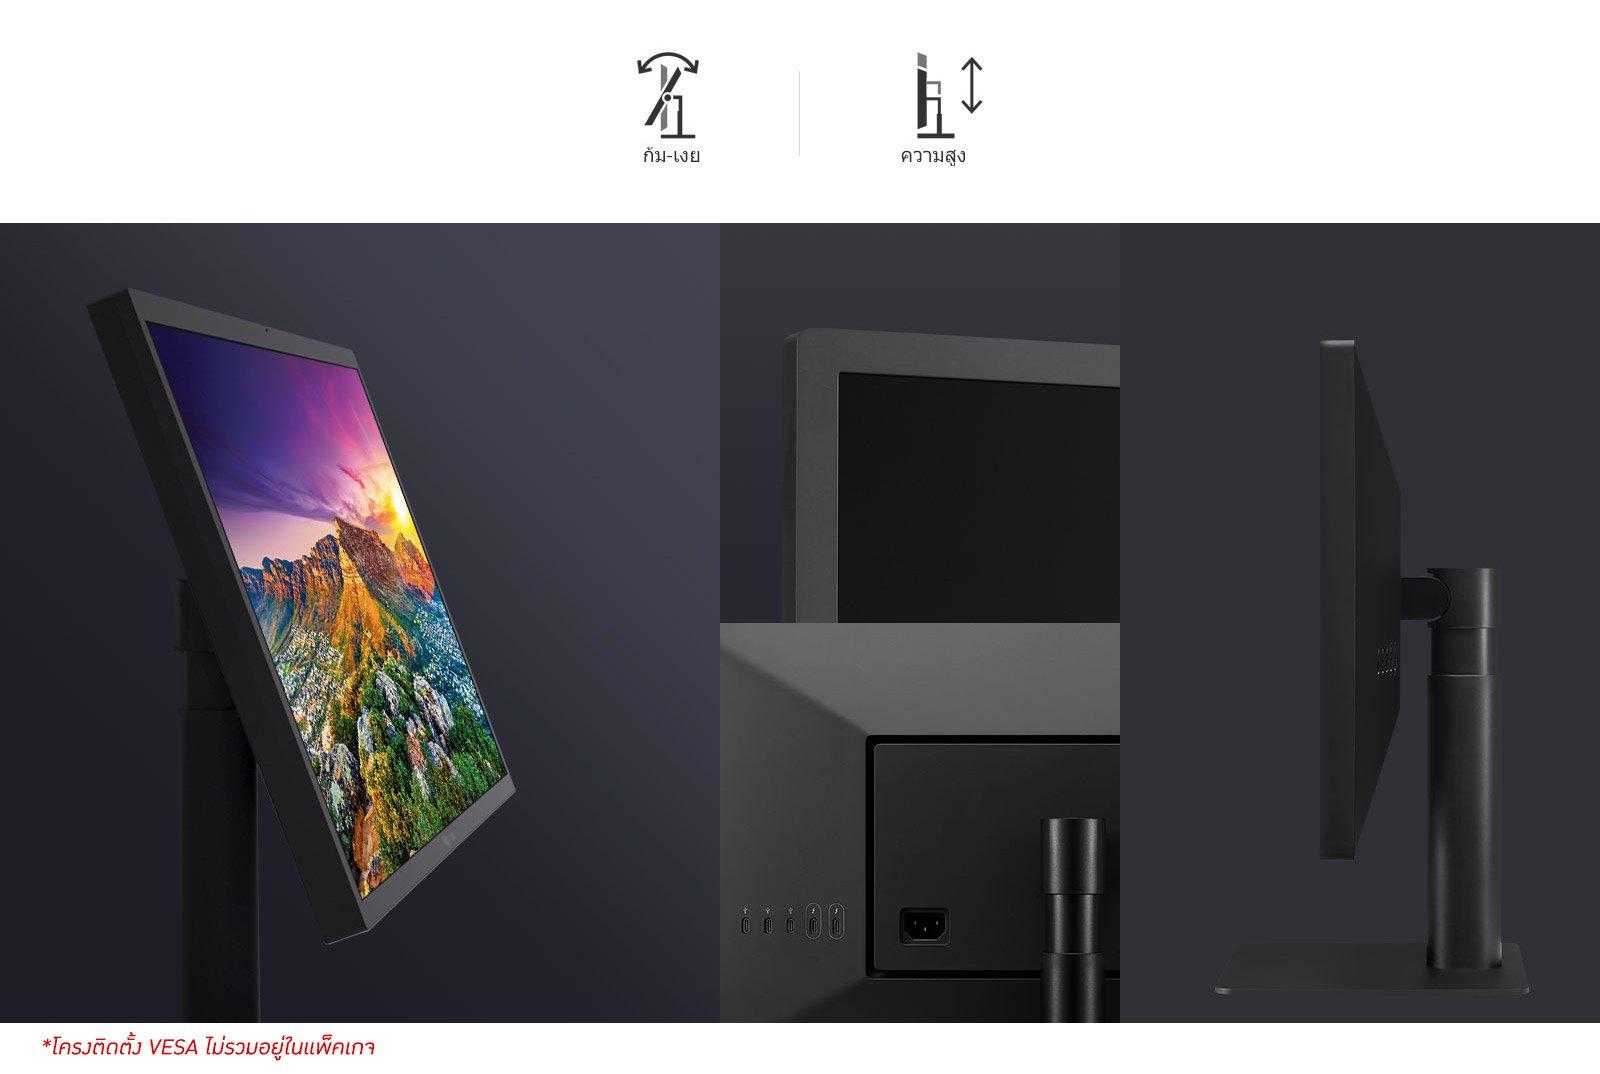 LG MONITOR 24MD4KL-B.ATM (IPS 4K Thunderbolt)